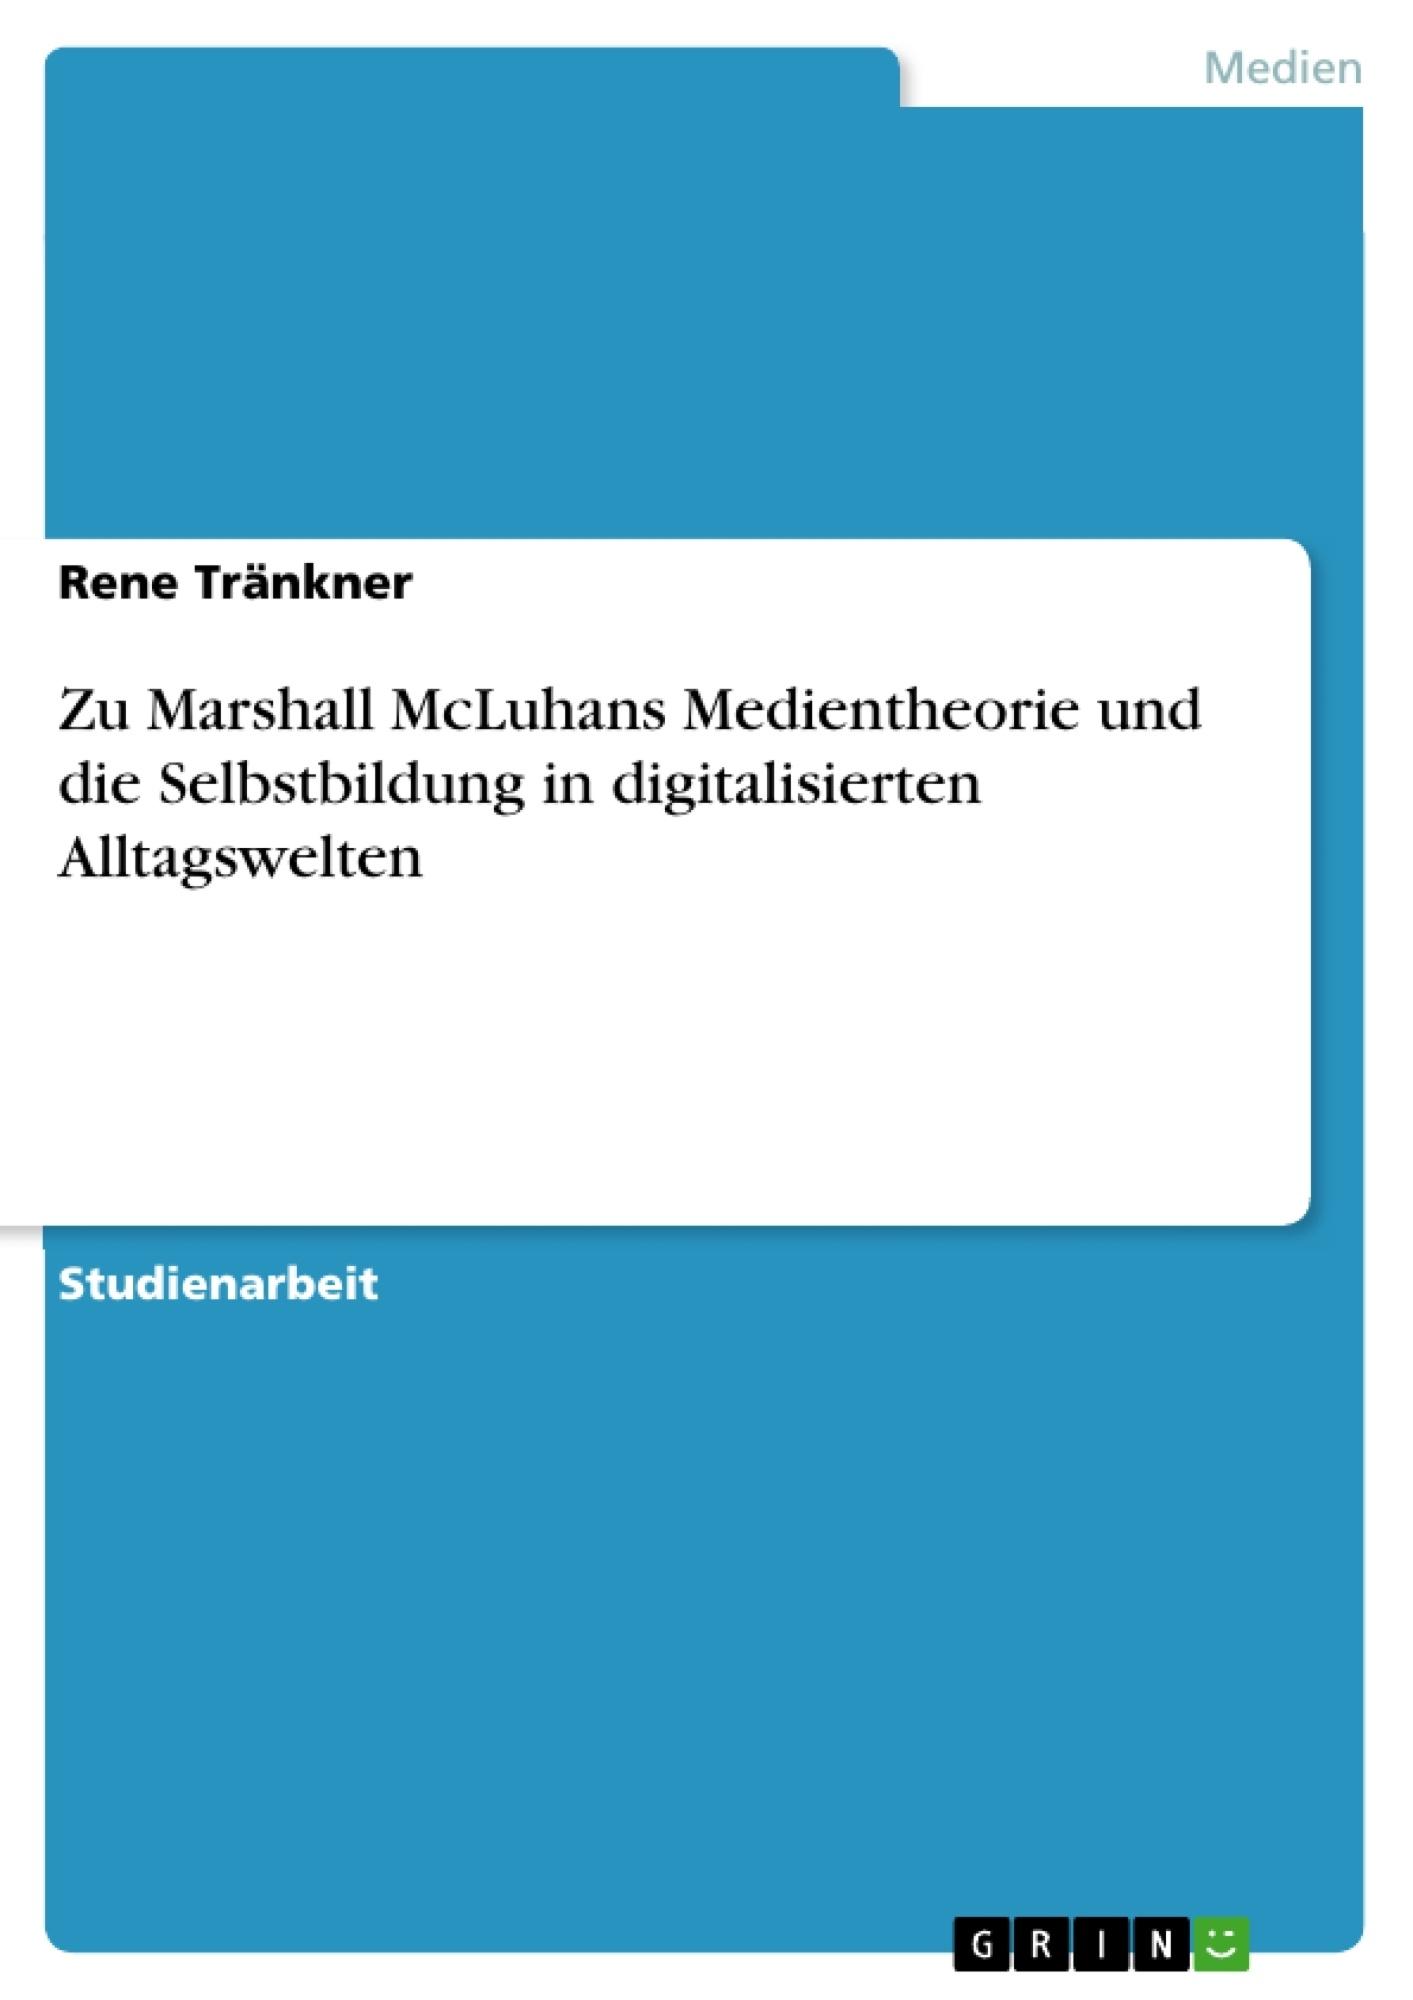 Titel: Zu Marshall McLuhans Medientheorie und die Selbstbildung in digitalisierten Alltagswelten